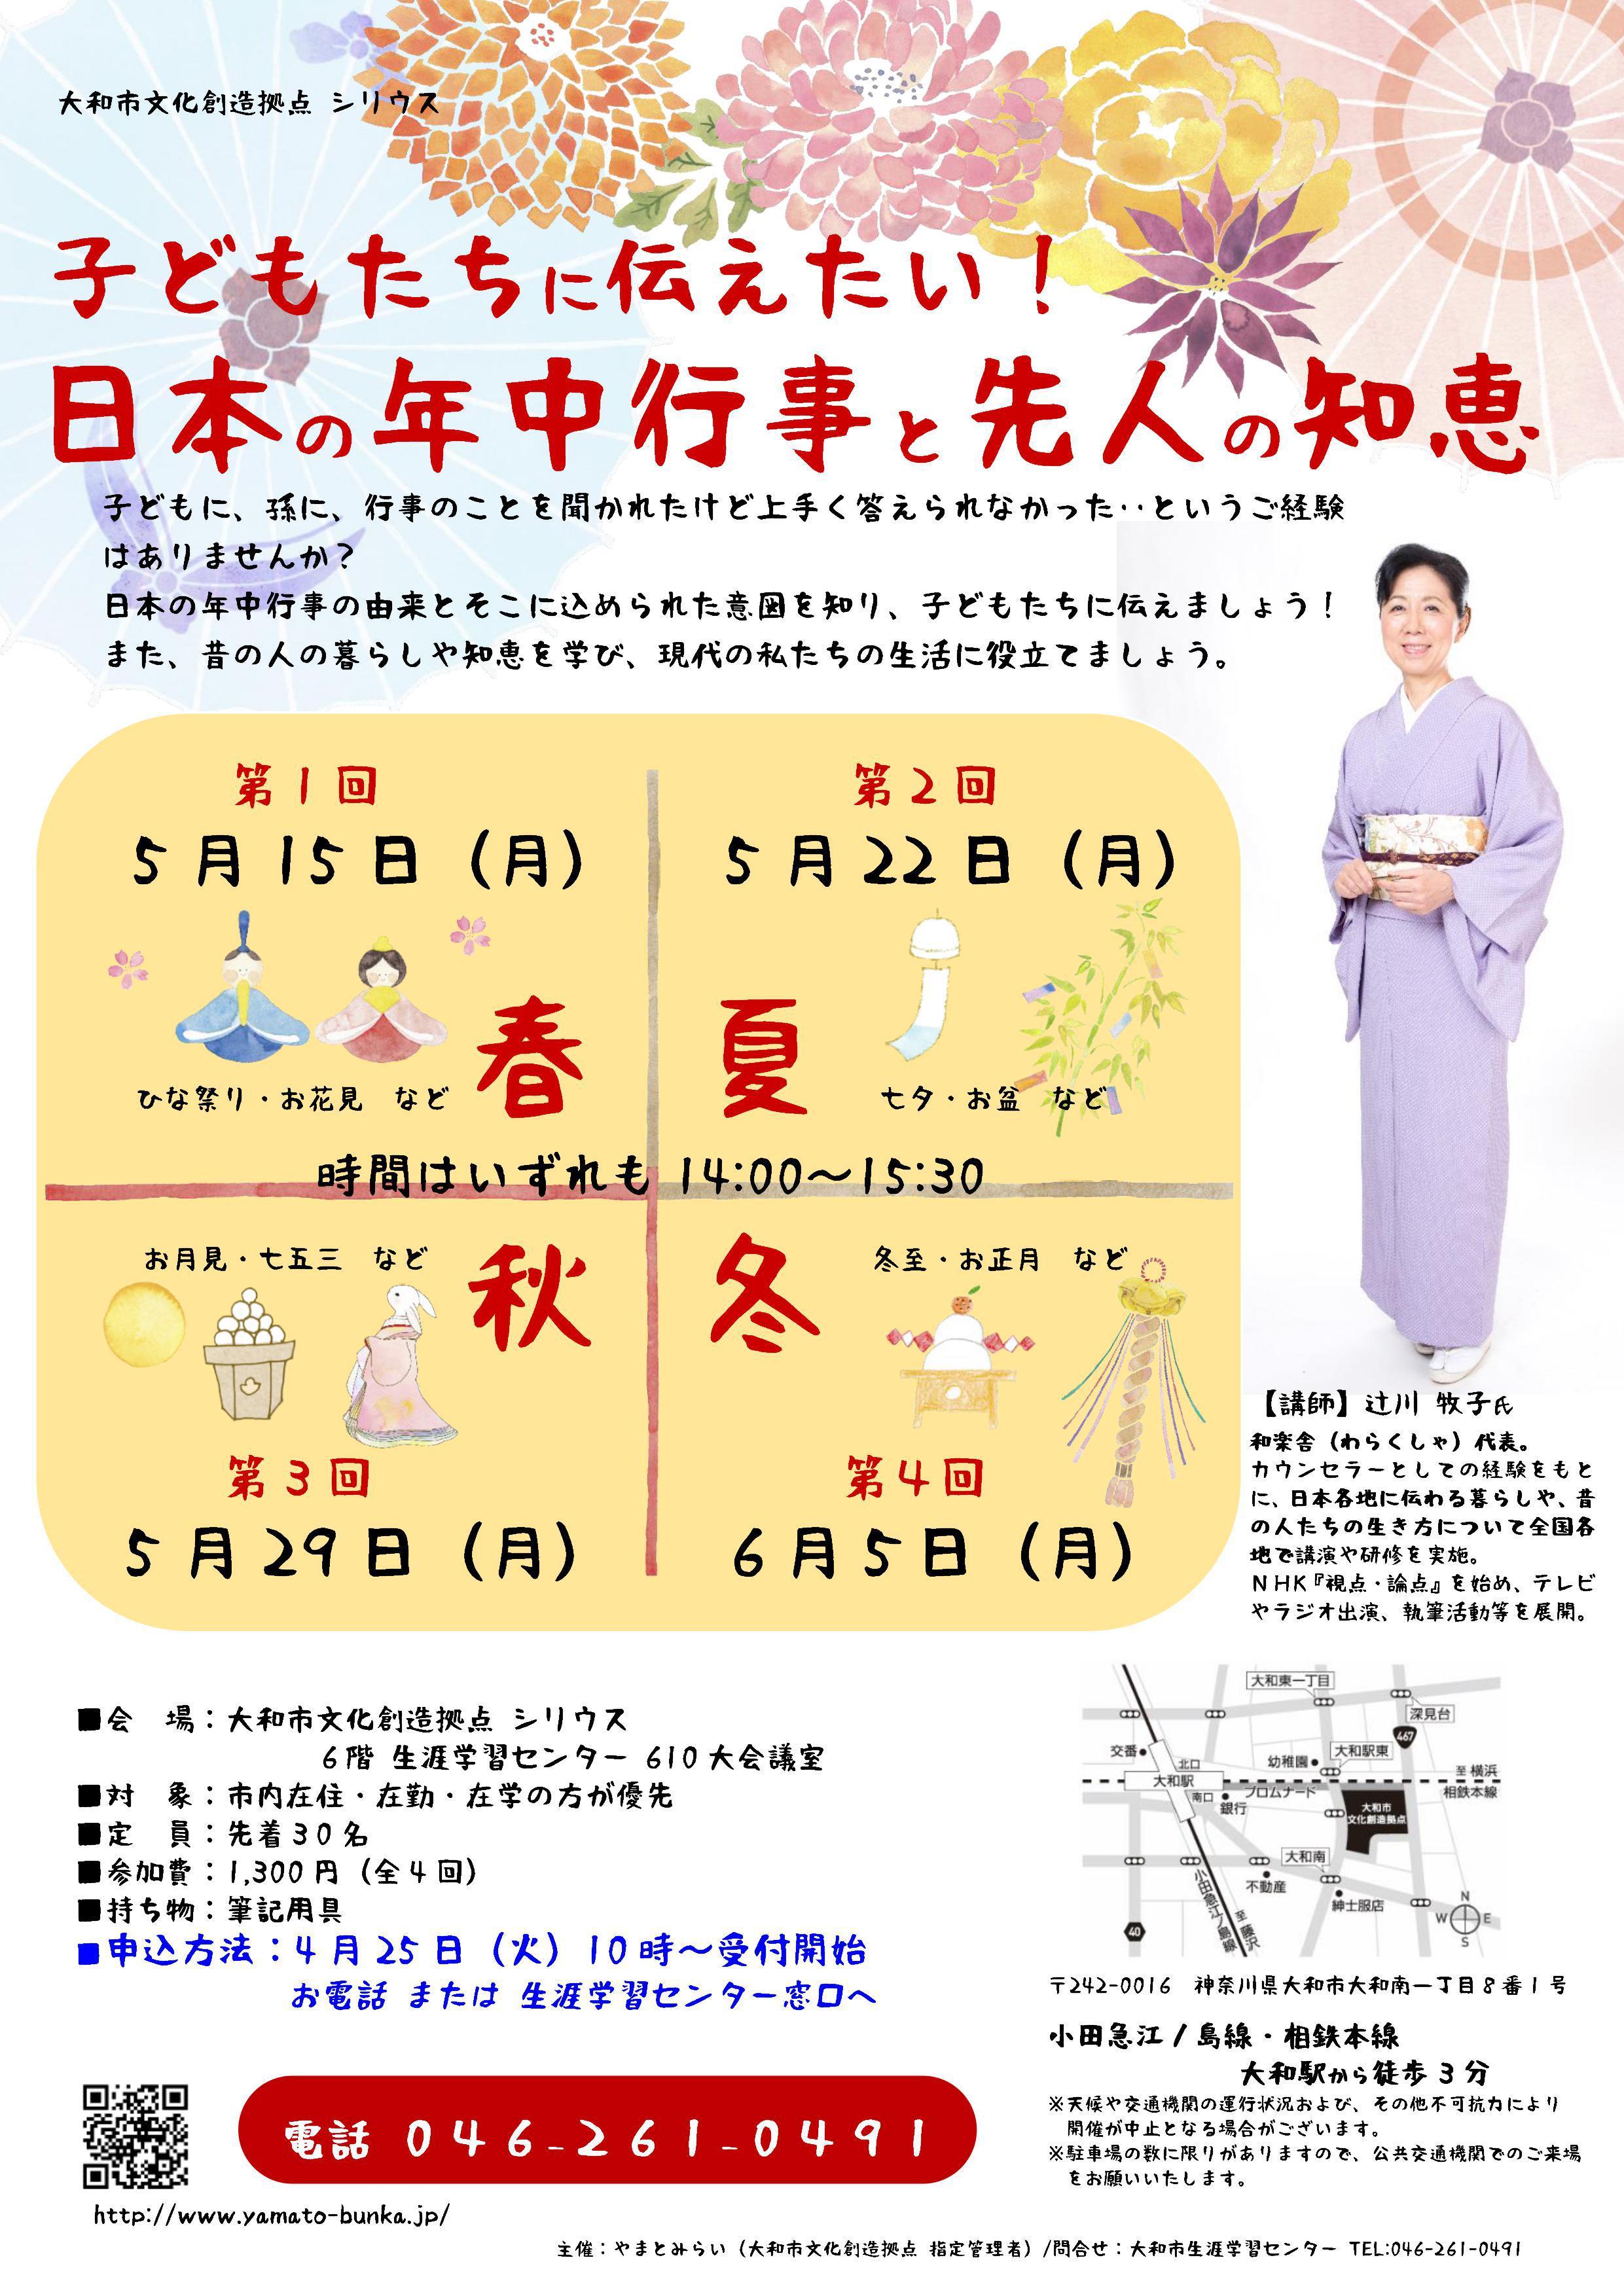 子どもたちに伝えたい!日本の年中行事と先人の知恵